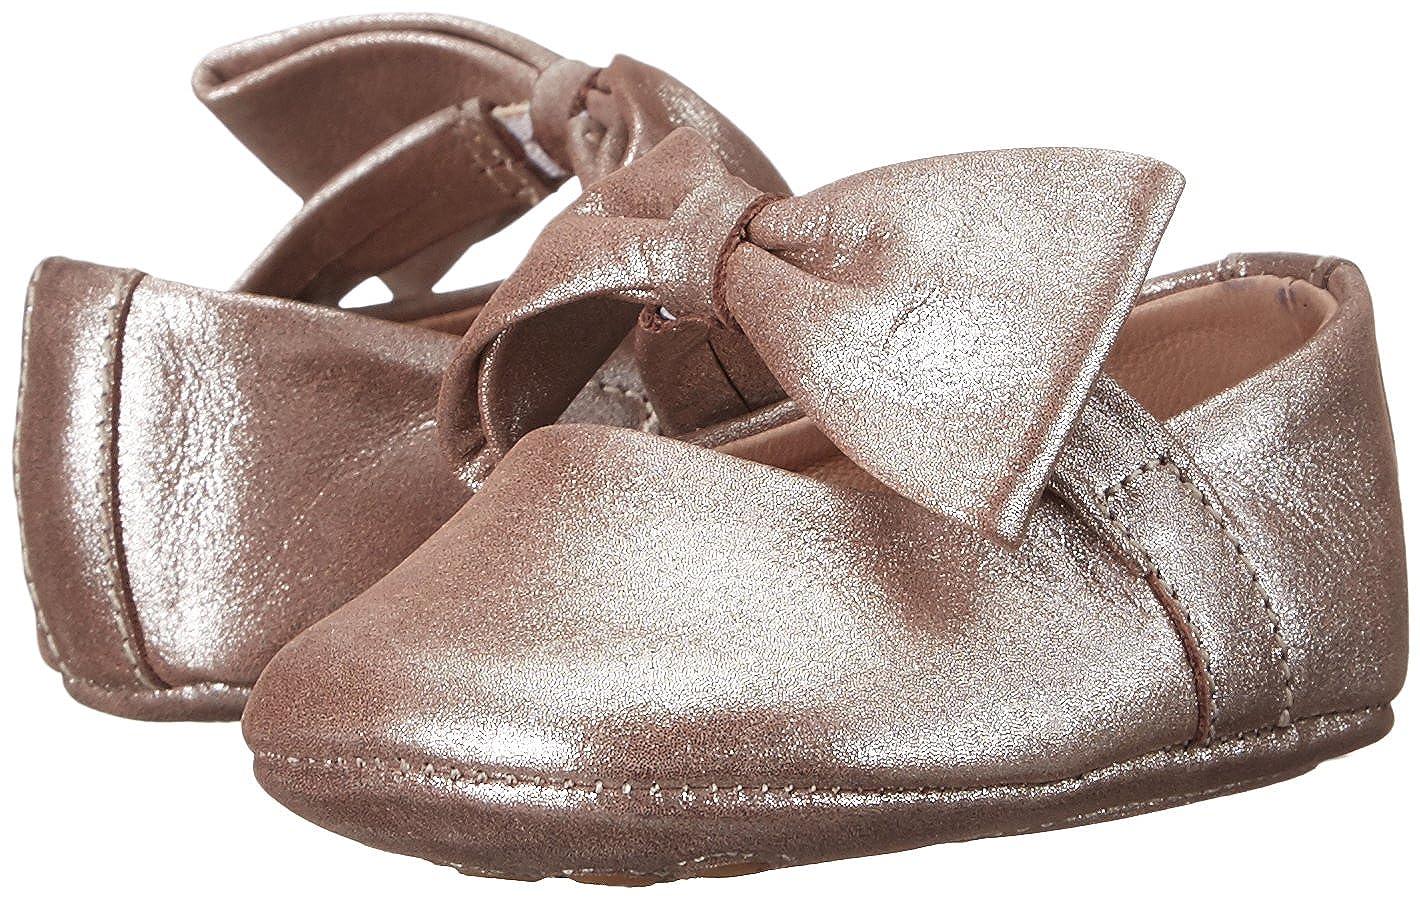 Elephantito Kids Baby Ballerina with Bow-K Crib Shoe